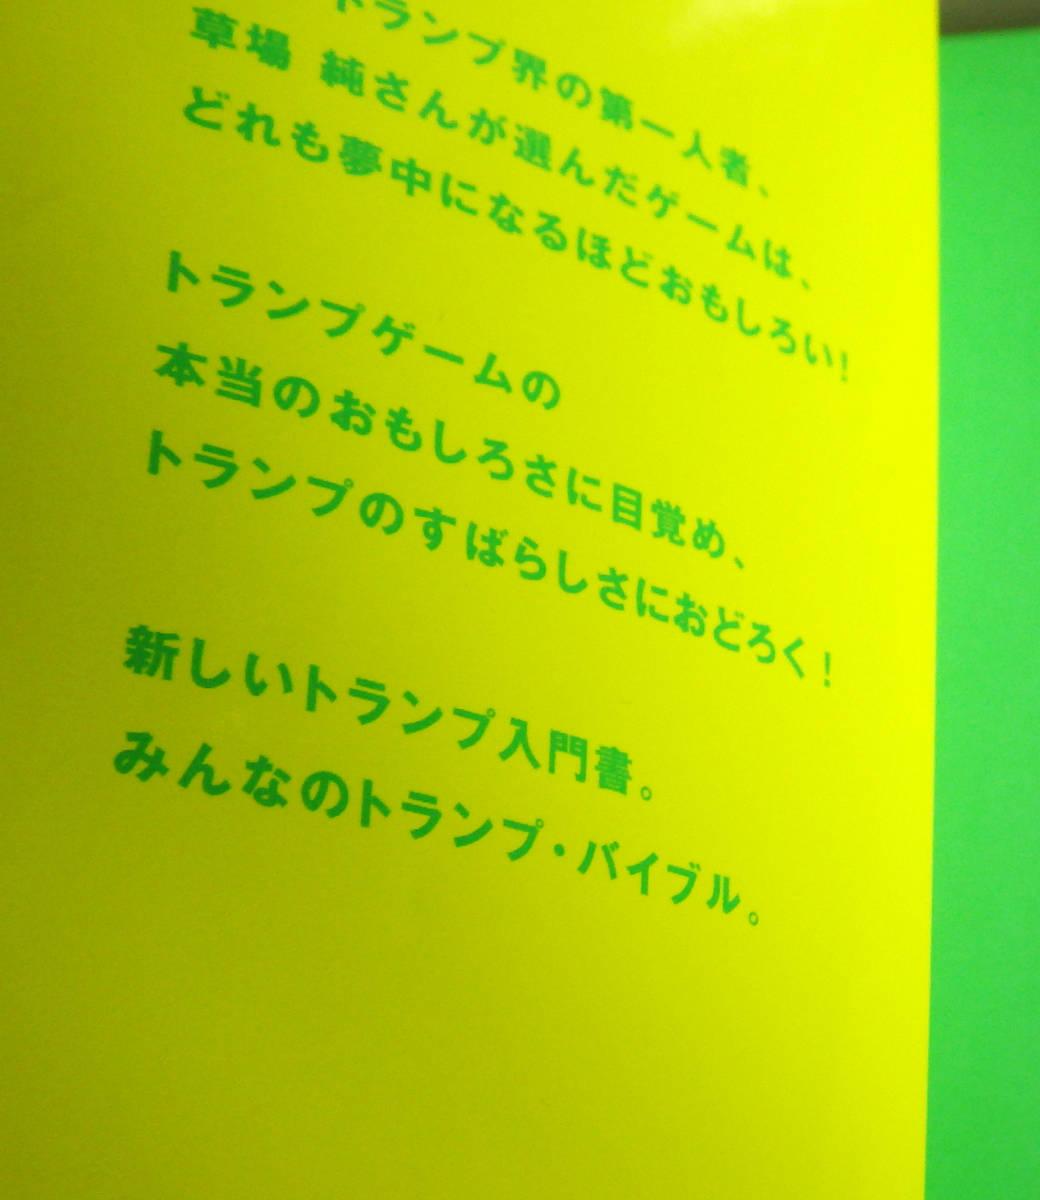 中古書籍 夢中になる! トランプの本 ゲーム マジック 占い 主婦の友社 ベストBOOKS 草場純 2010年発行_画像4